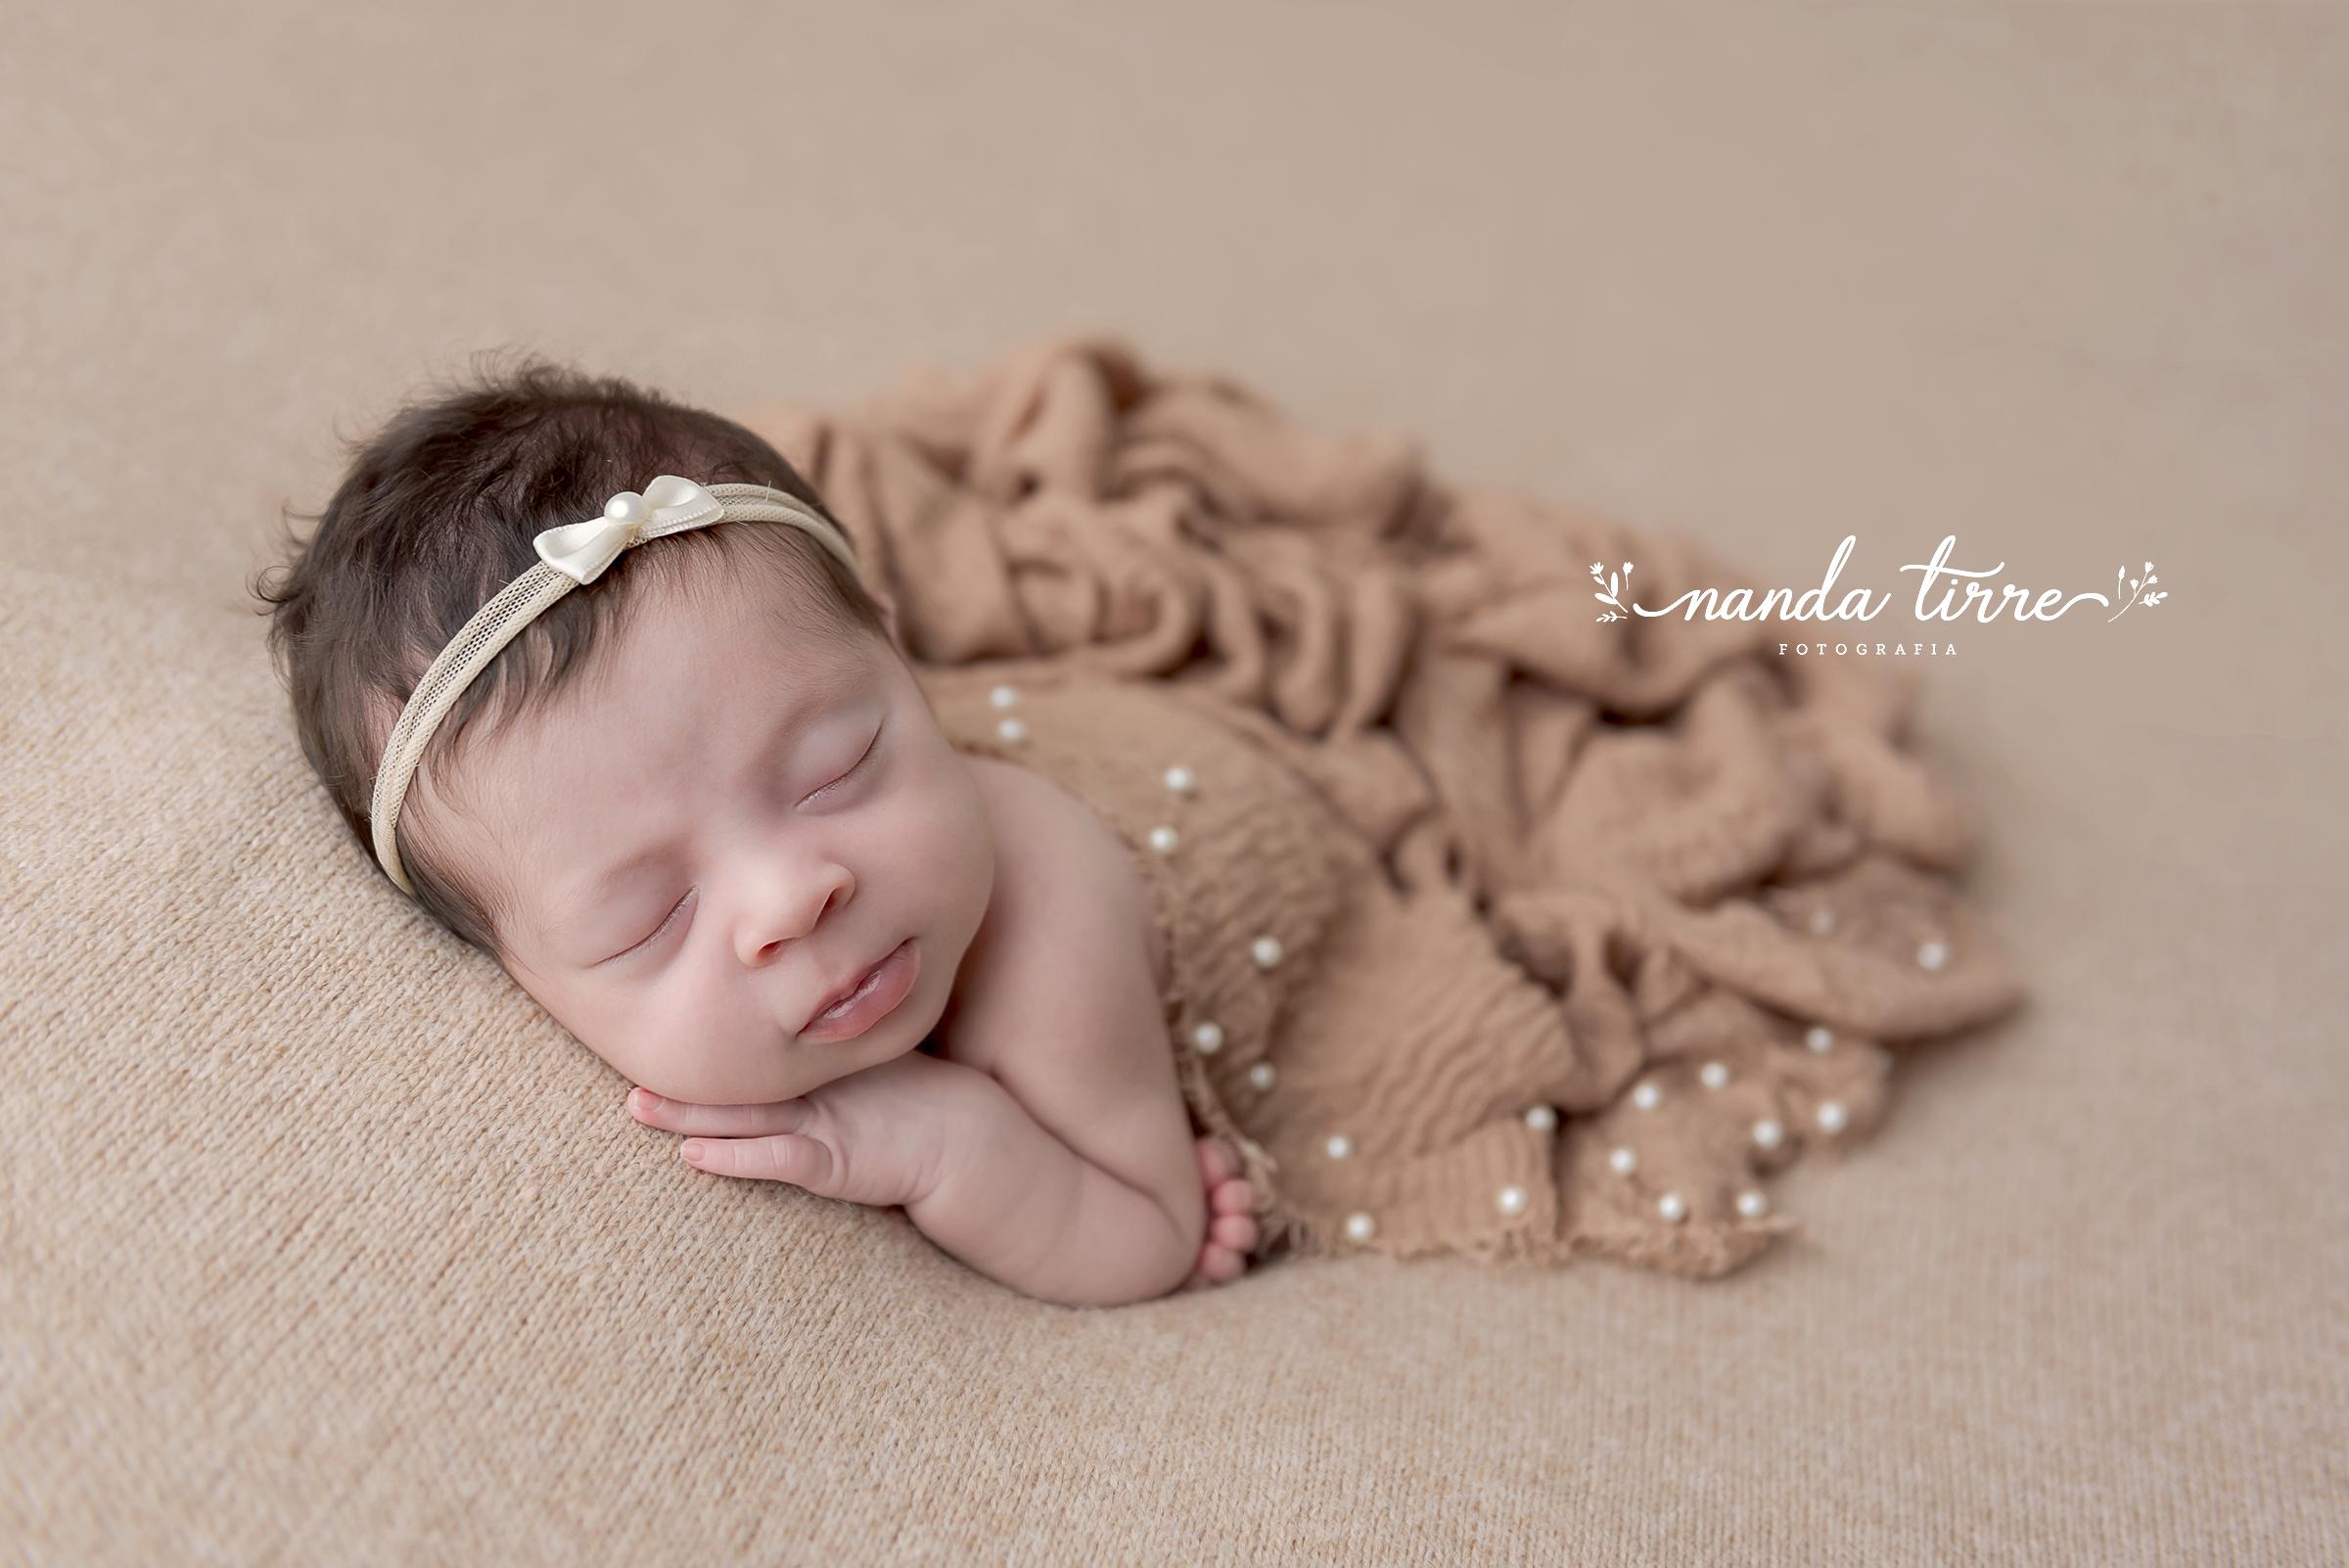 Contate Nanda Tirre - Fotografia Newborn - Rio de Janeiro / RJ